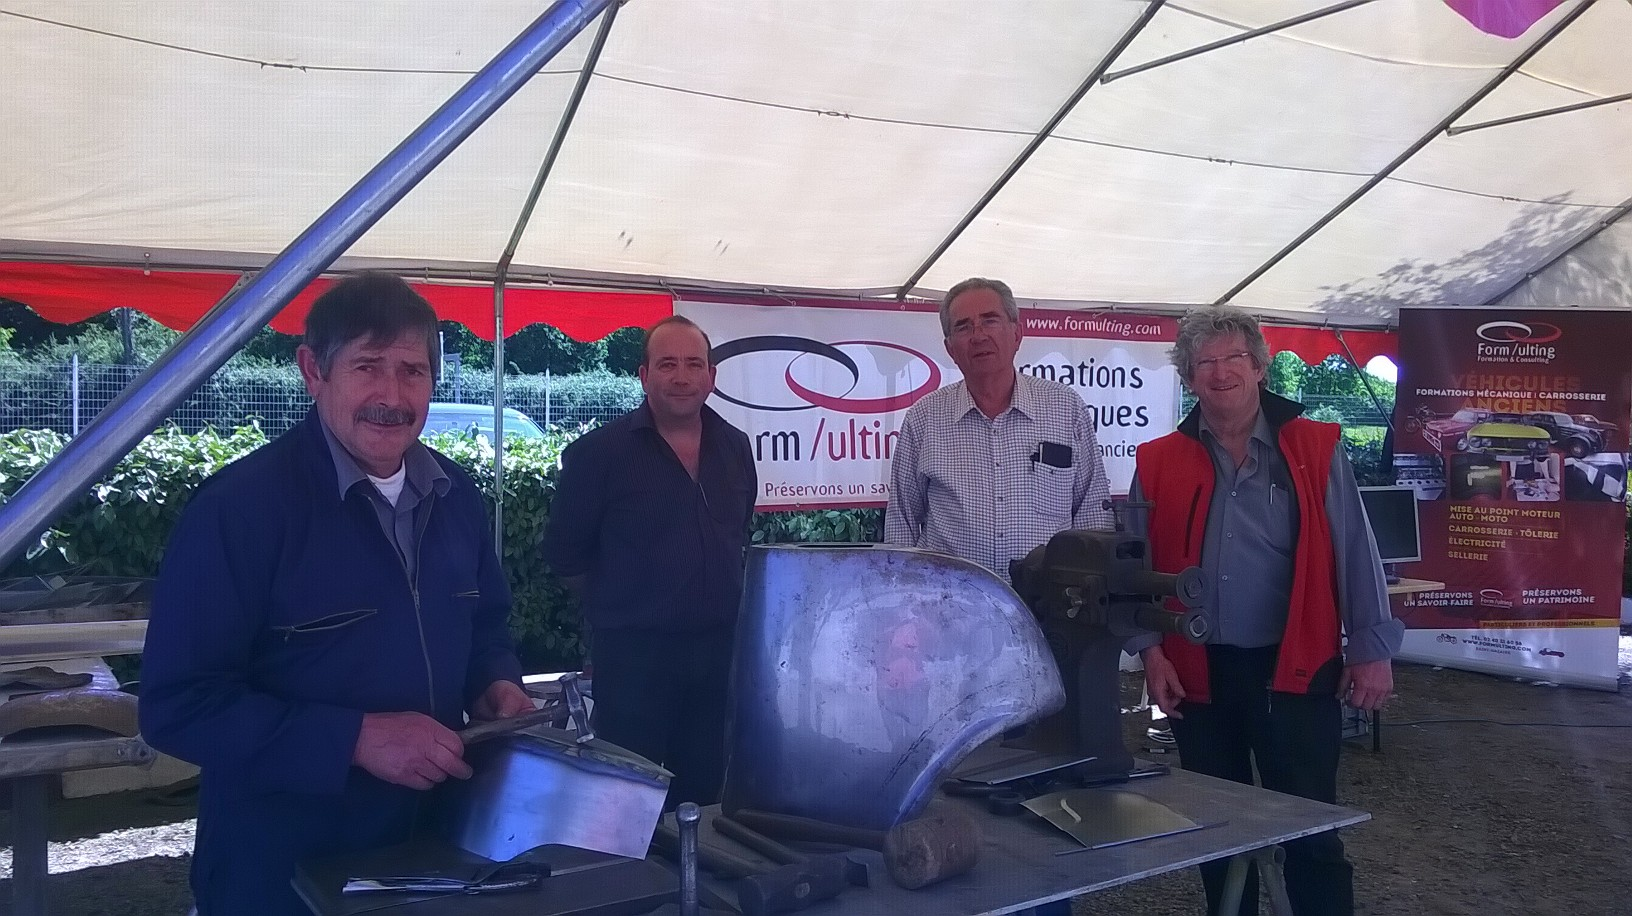 De gauche à droite : Paul Prin carrossier et formateur, Bruno Virlogeux tapissier cellier, Patrick Verneau, Président, et Valentin Giron